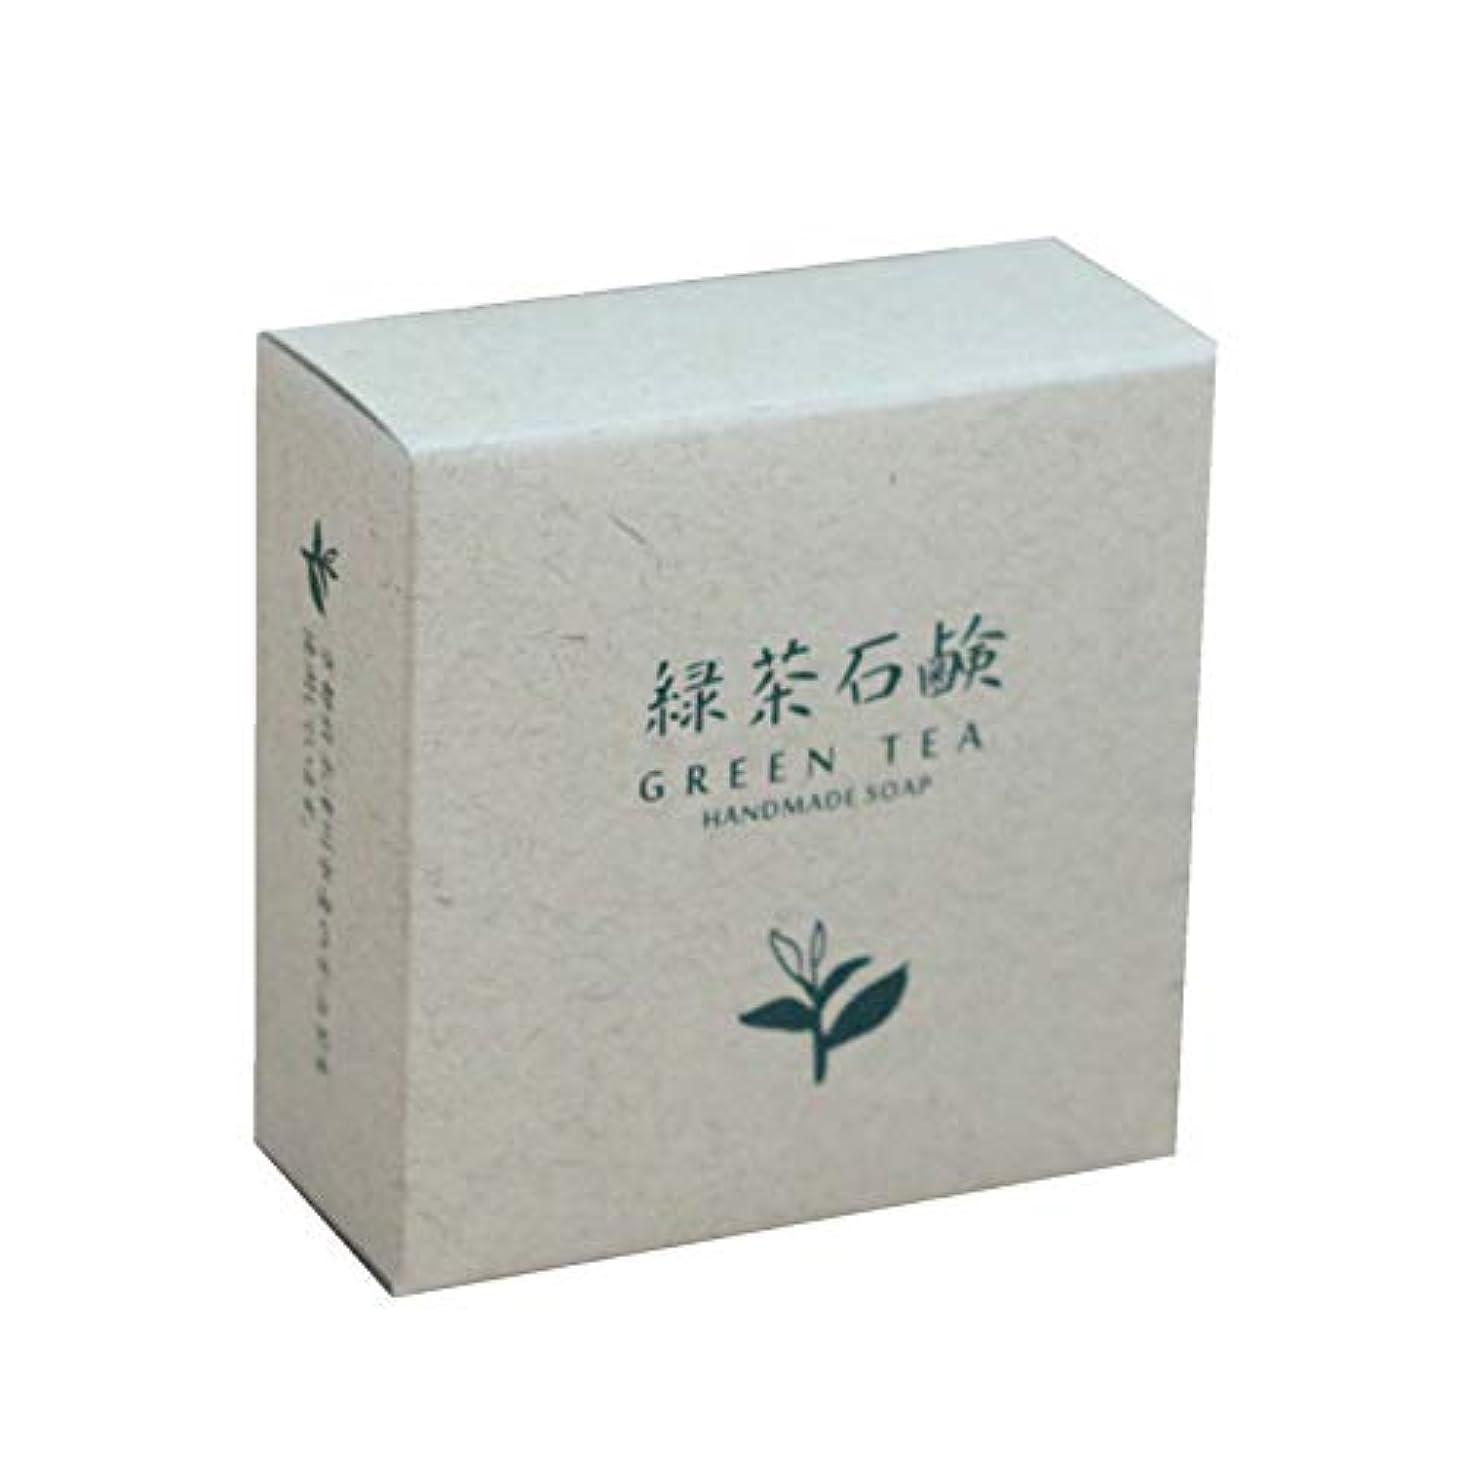 衣服工業化する暖かさ緑茶石鹸